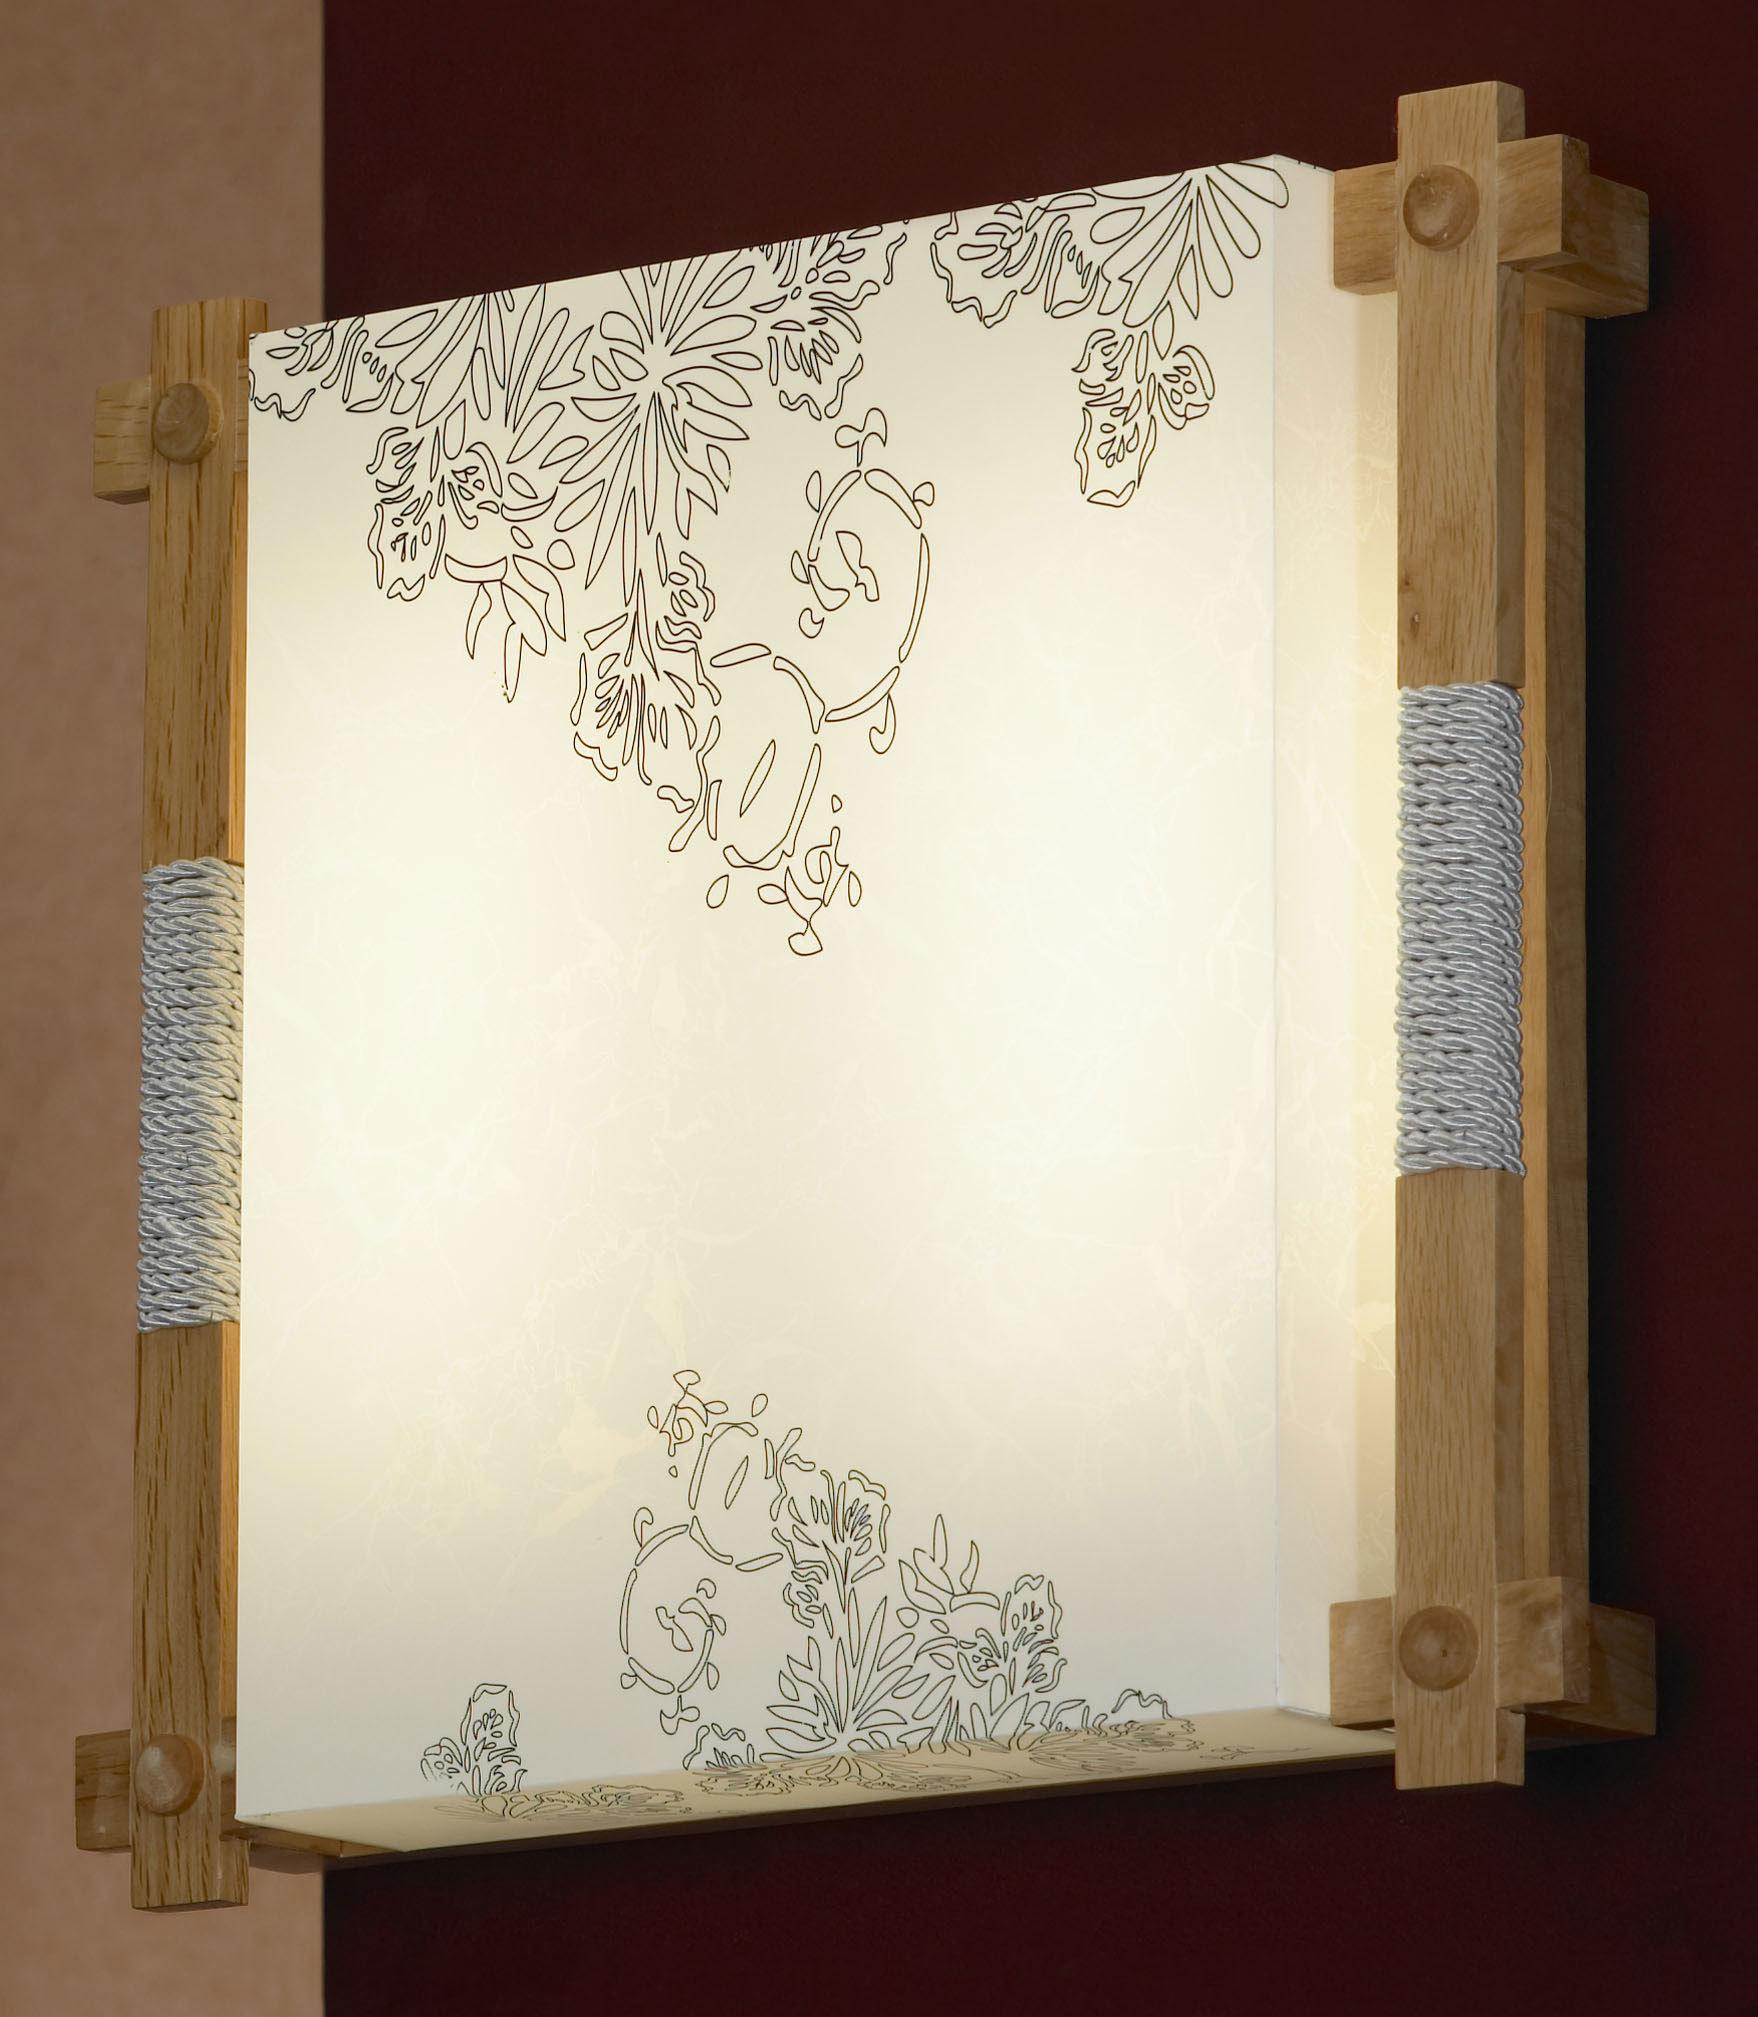 Потолочный светильник Lussole Arcevia LSF-9102-02, IP21, 2x2G11x24W, коричневый, белый, дерево, пластик - фото 1